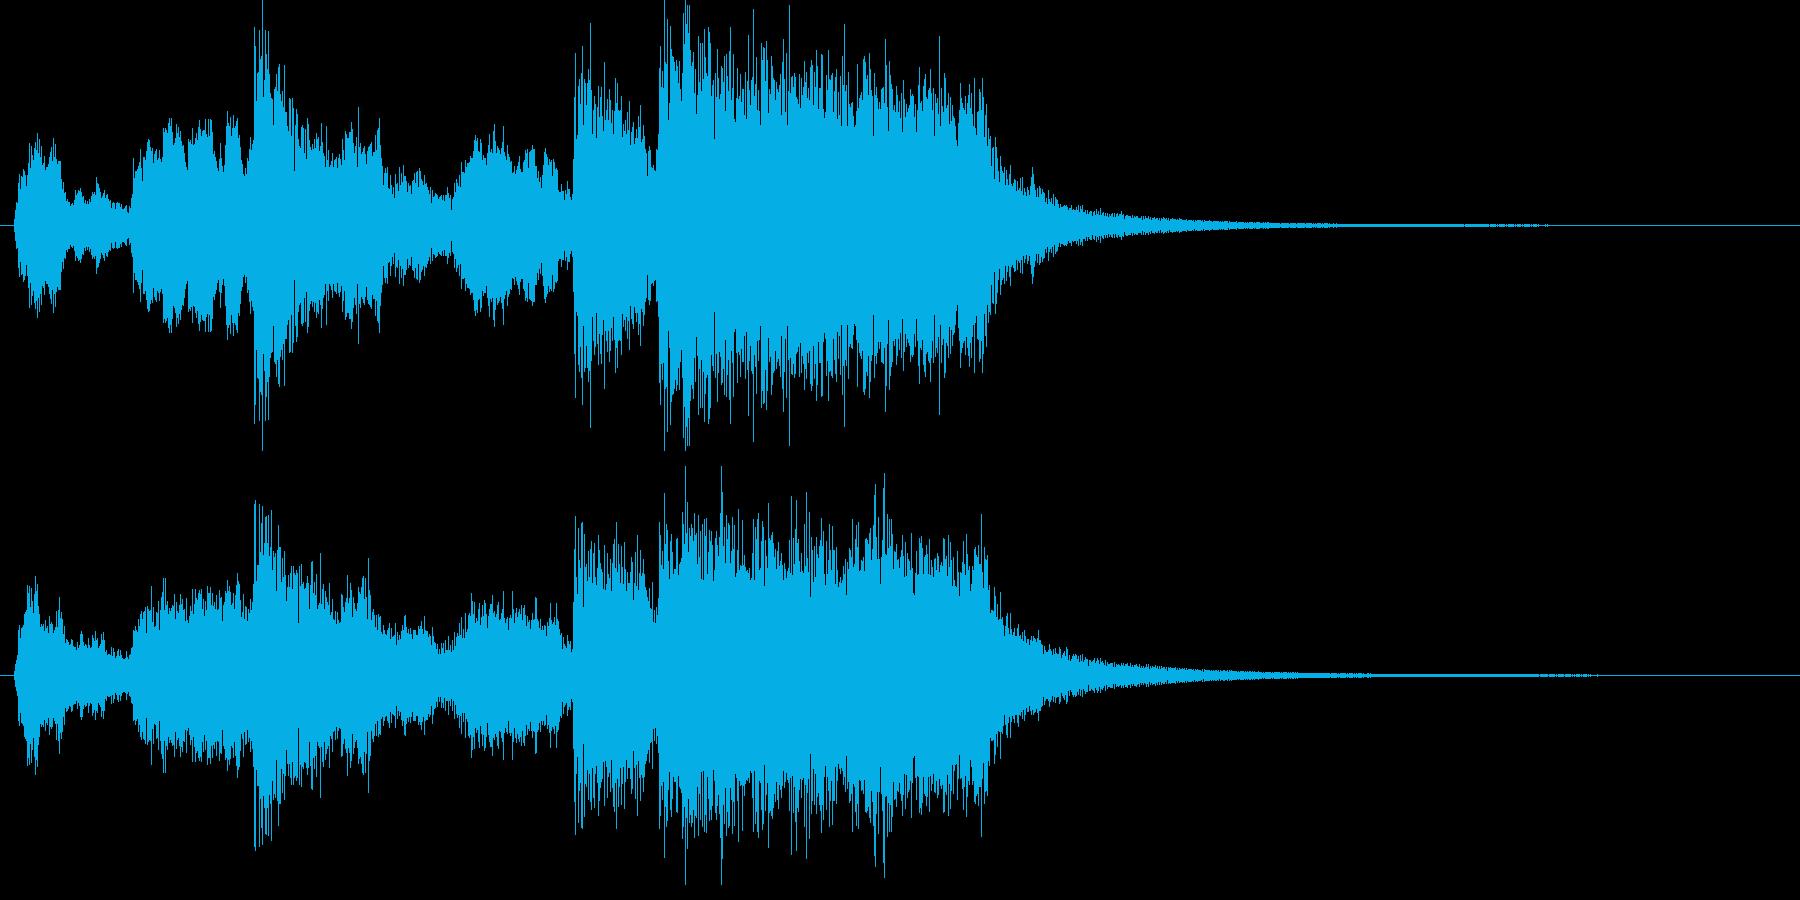 躍動感のある金管ファンファーレの再生済みの波形